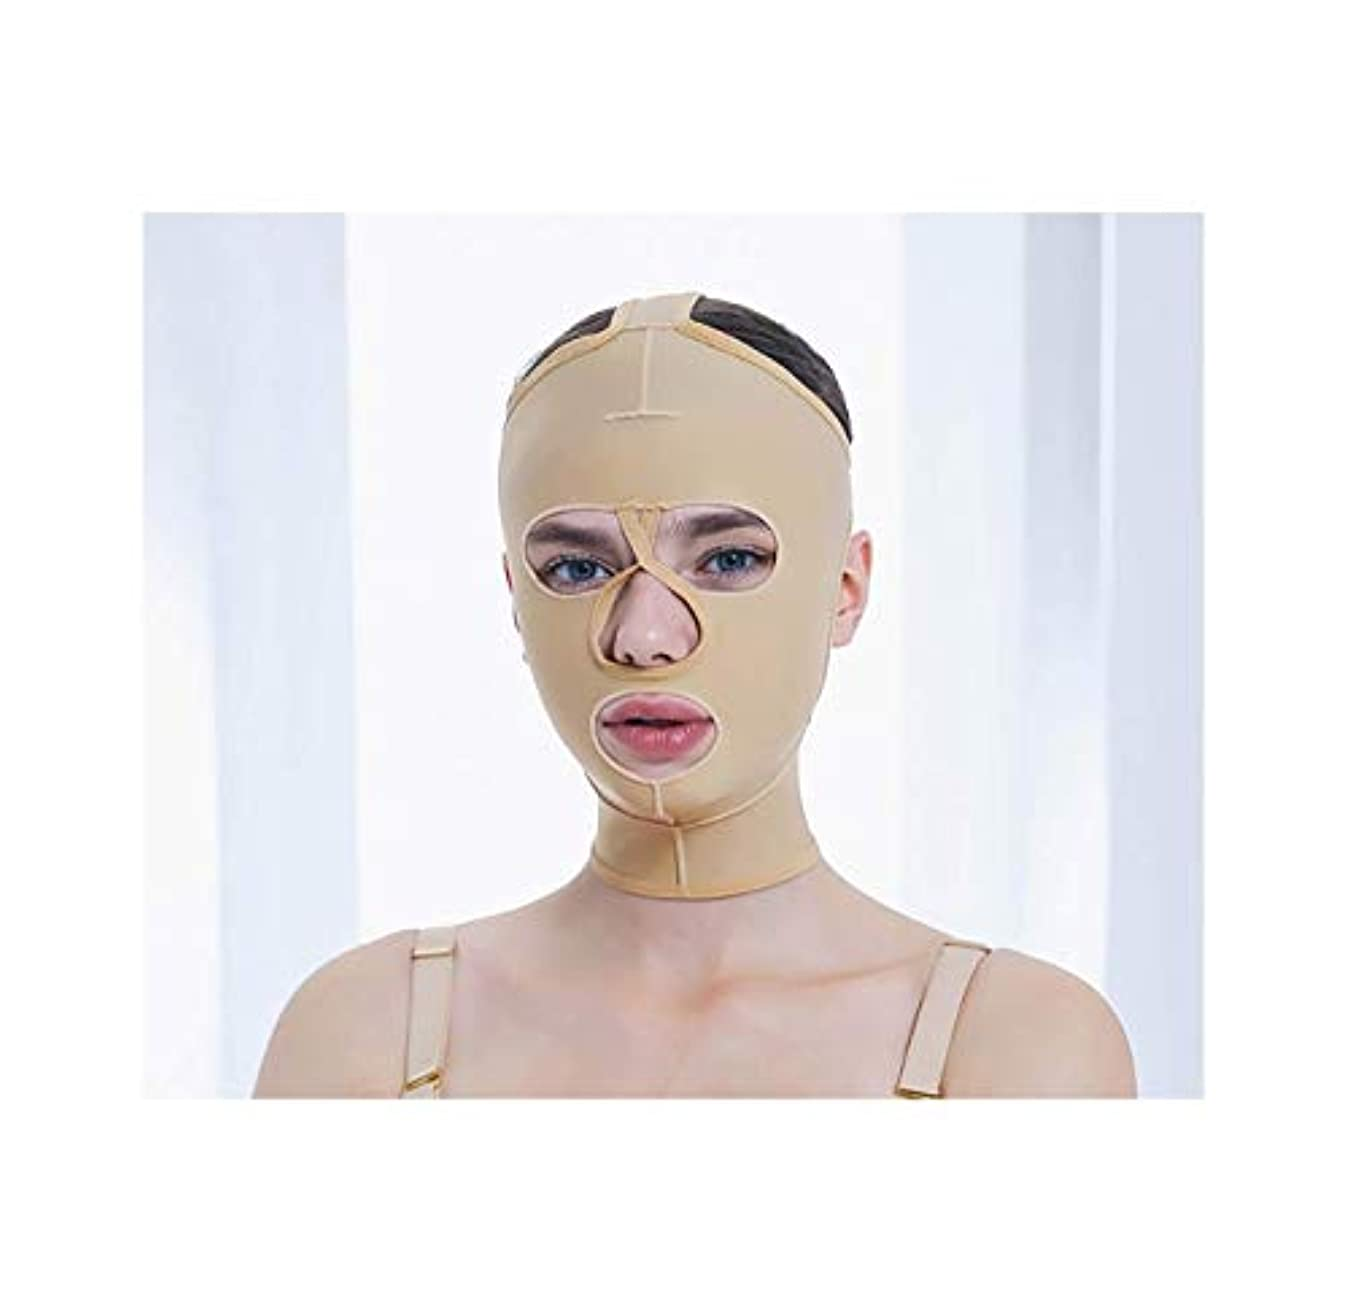 フレットヒロイン羨望フェイスアンドネックリフト、減量フェイスマスク脂肪吸引術脂肪吸引術シェーピングマスクフードフェイスリフティングアーティファクトVフェイスビームフェイス弾性スリーブ(サイズ:Xl)